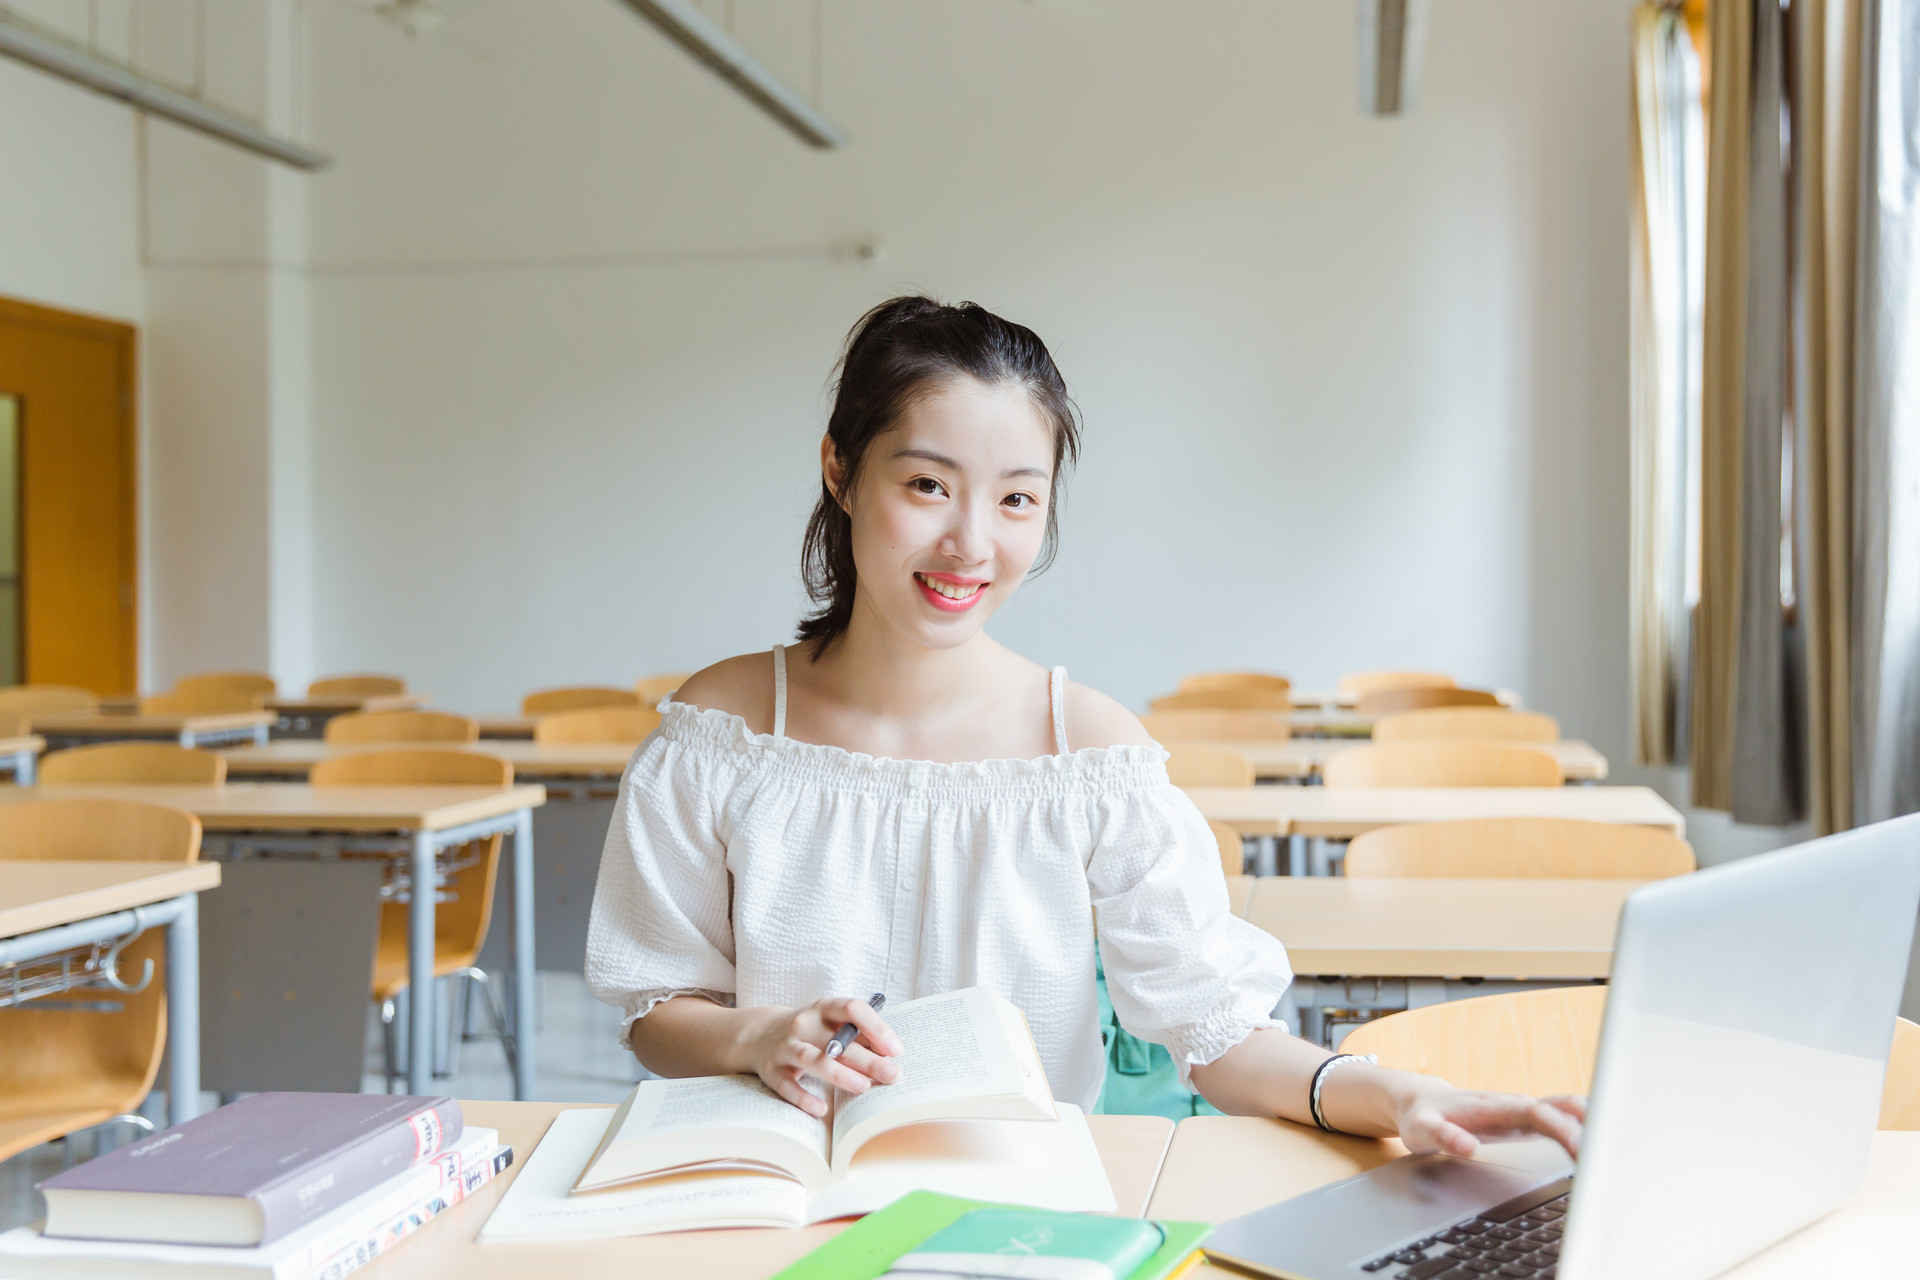 乌市暑假日语学习培训班